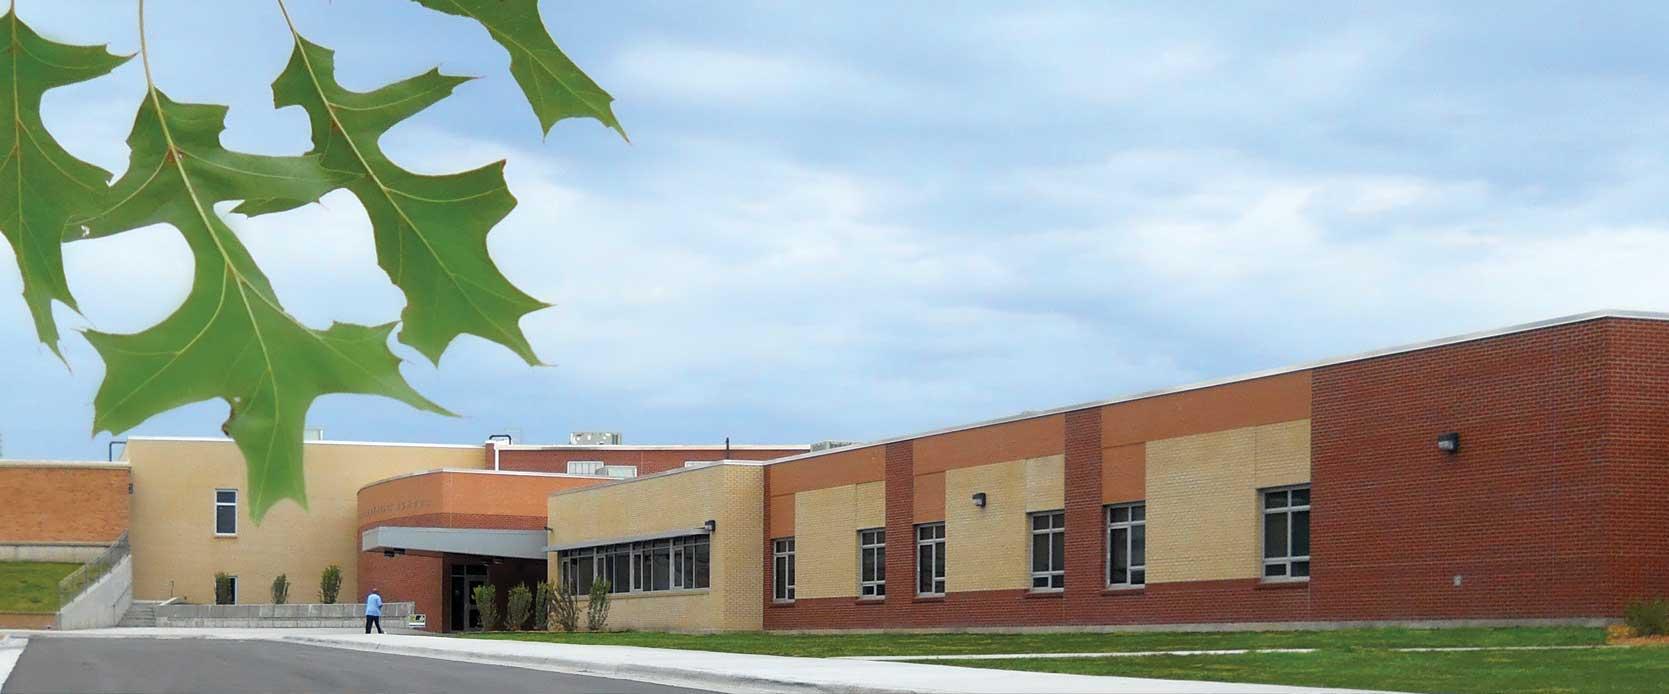 Copy of Ross Elementary School